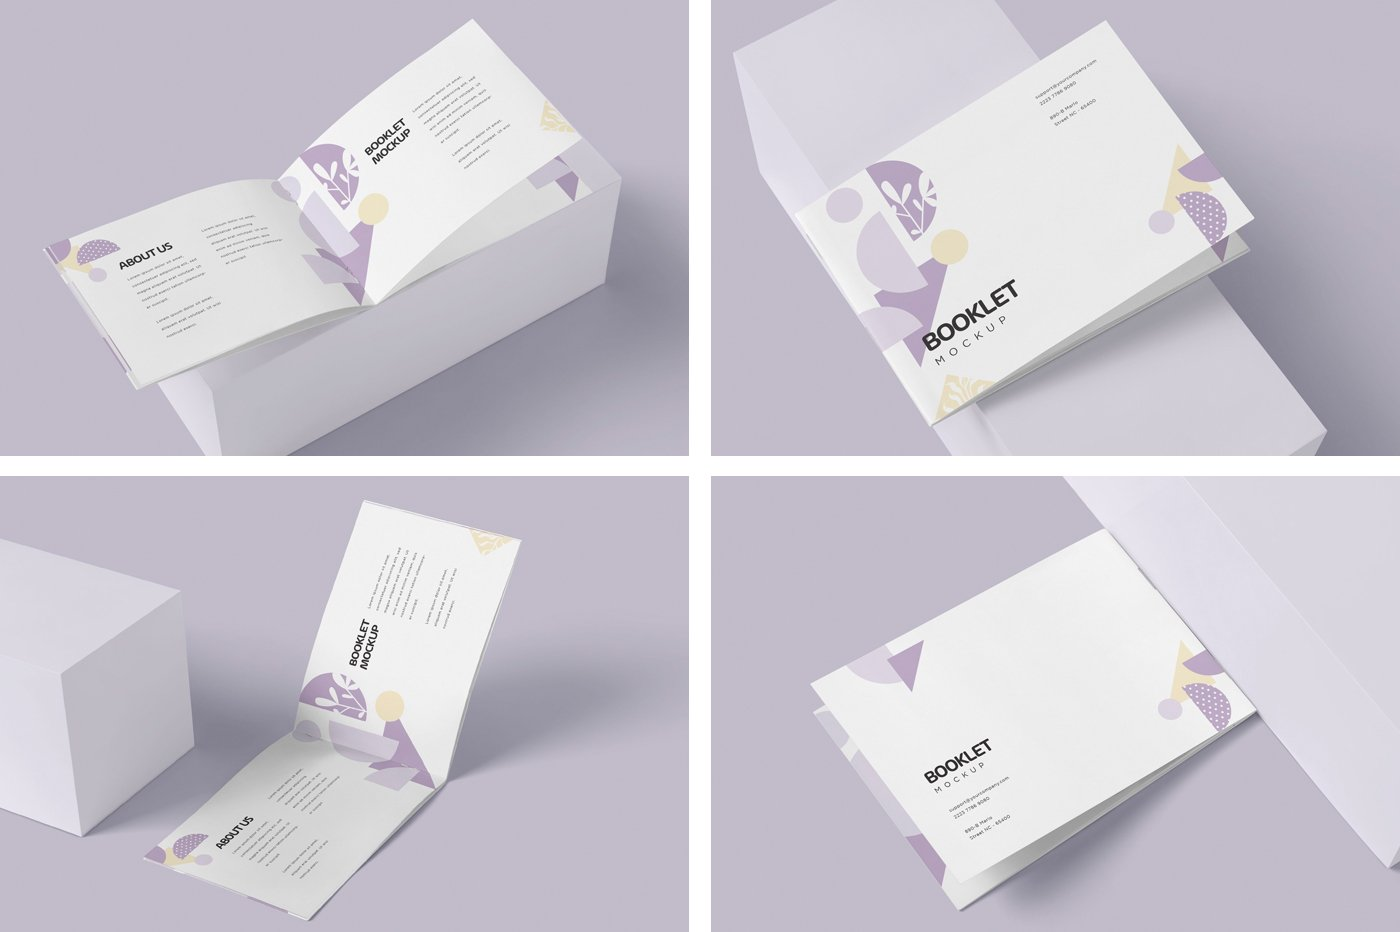 横版宣传手册画册设计展示样机模板 Landscape Booklet Mockup Templates插图(5)